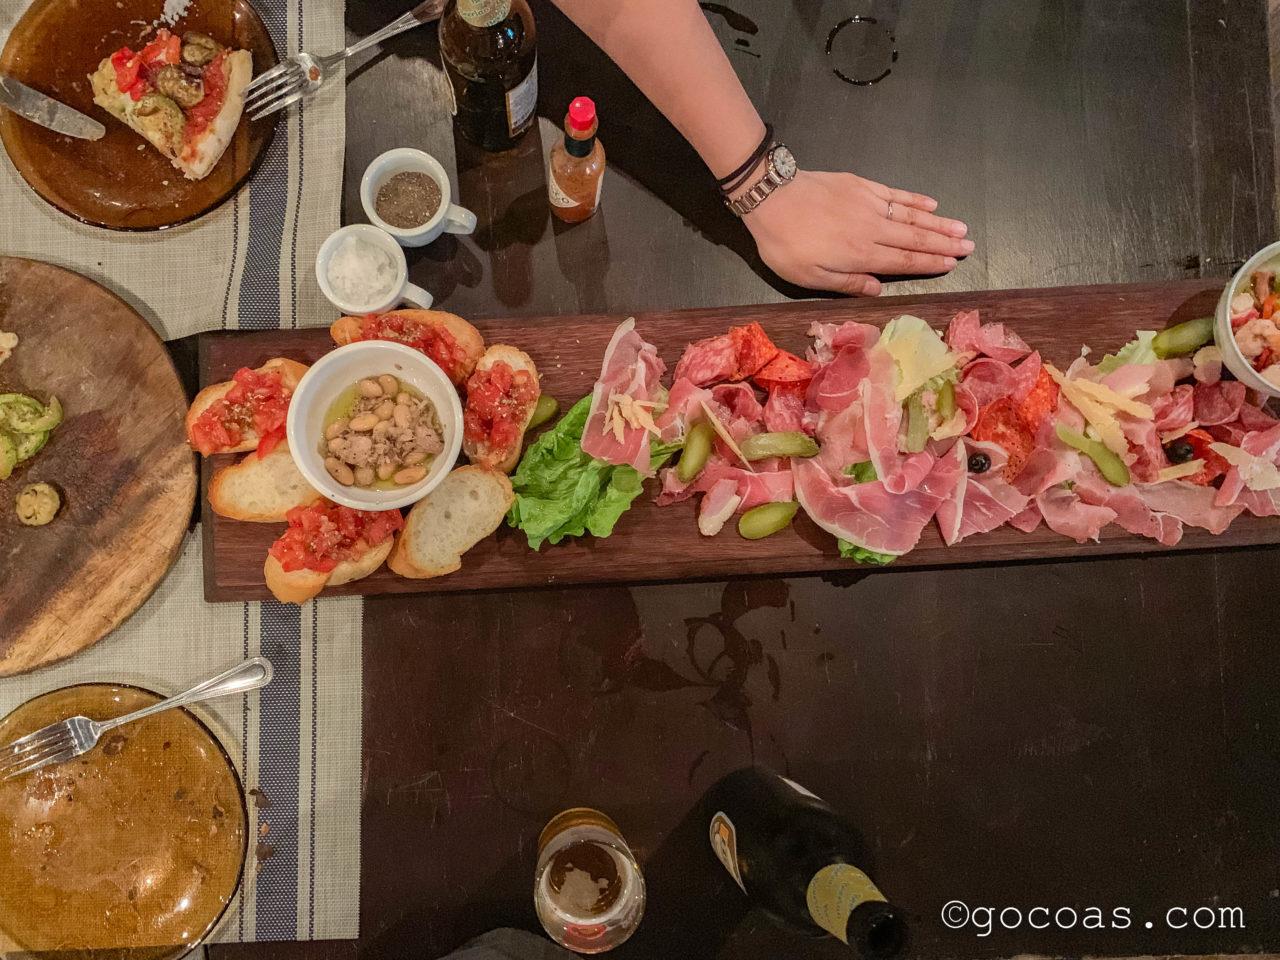 L'isola dei Nuraghiで食べた大きな生ハムプレートと手の大きさ比較